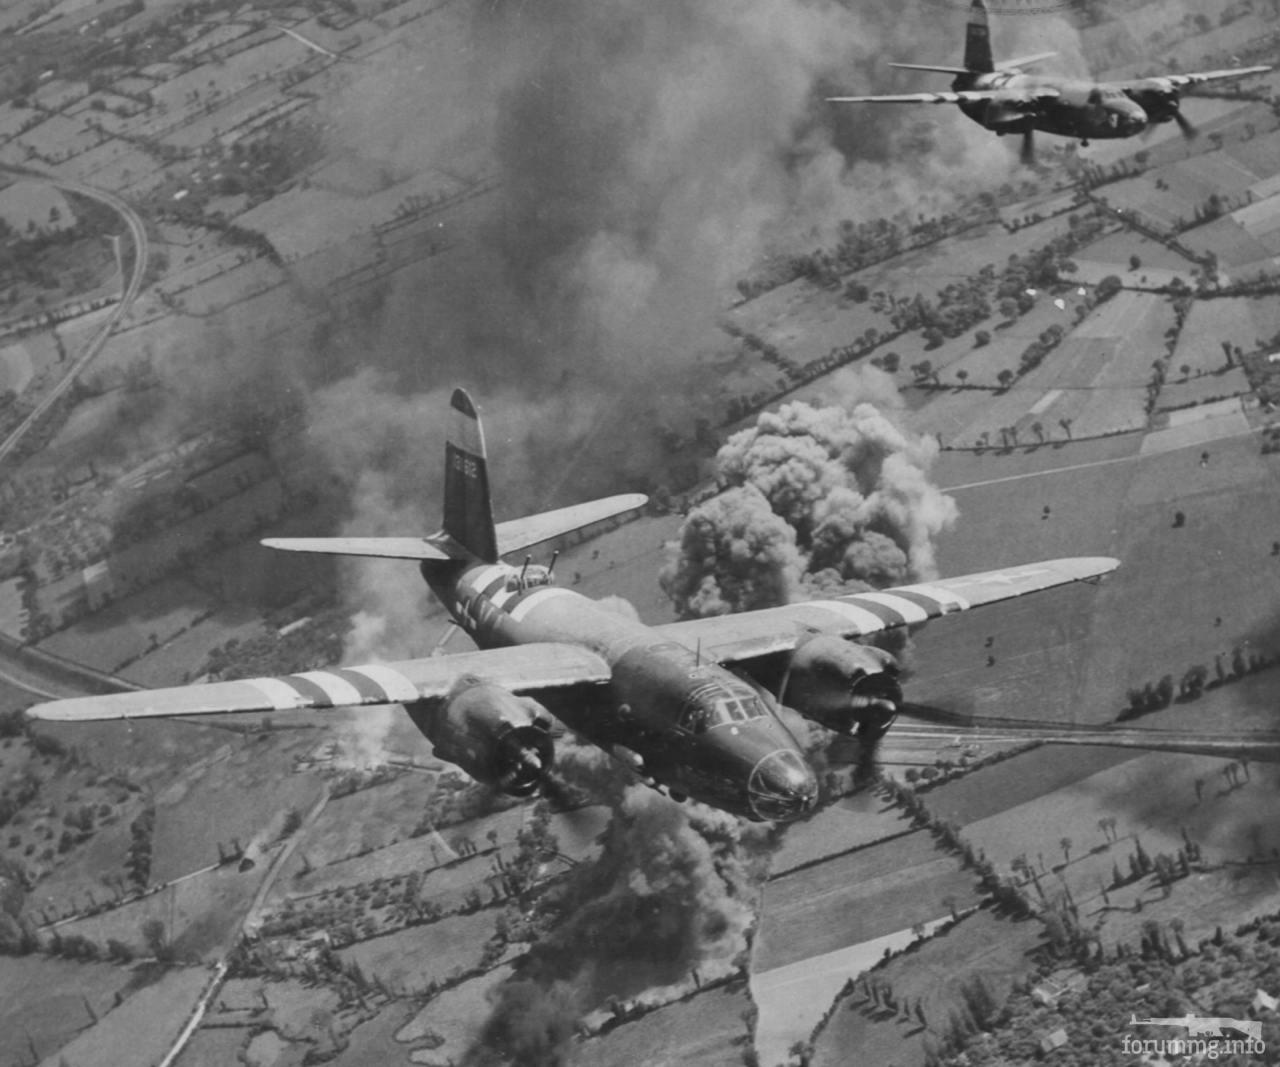 132062 - Военное фото 1939-1945 г.г. Западный фронт и Африка.